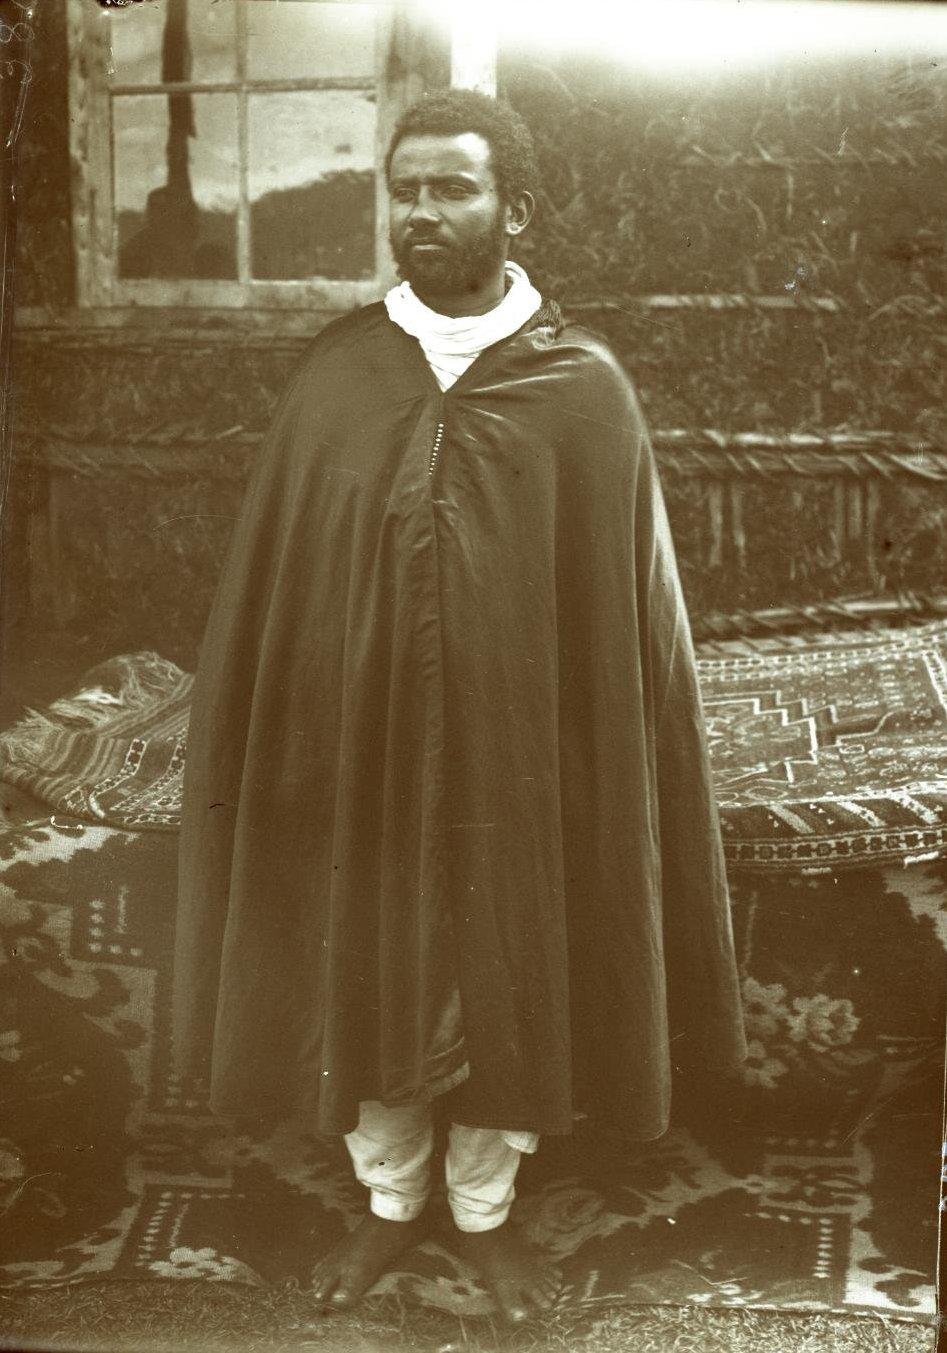 386. 1899. Абиссиния, Аддис-Абеба. Мужчина в традиционной одежде